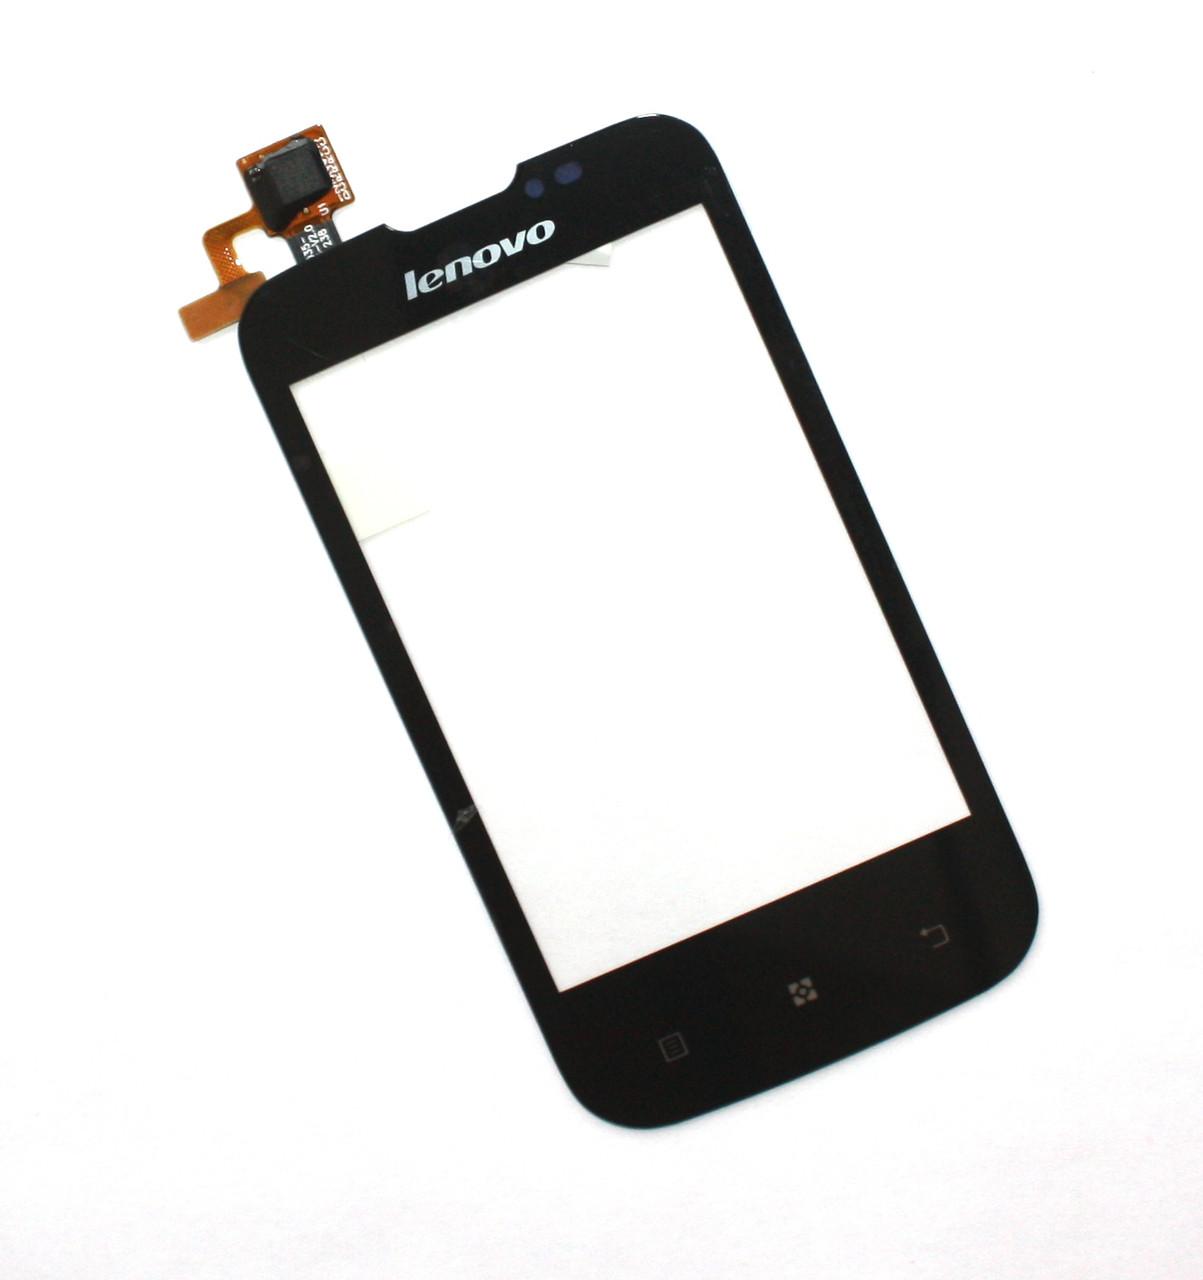 Сенсорный экран (тачскрин) Lenovo A60+ чёрный ориг. к-во